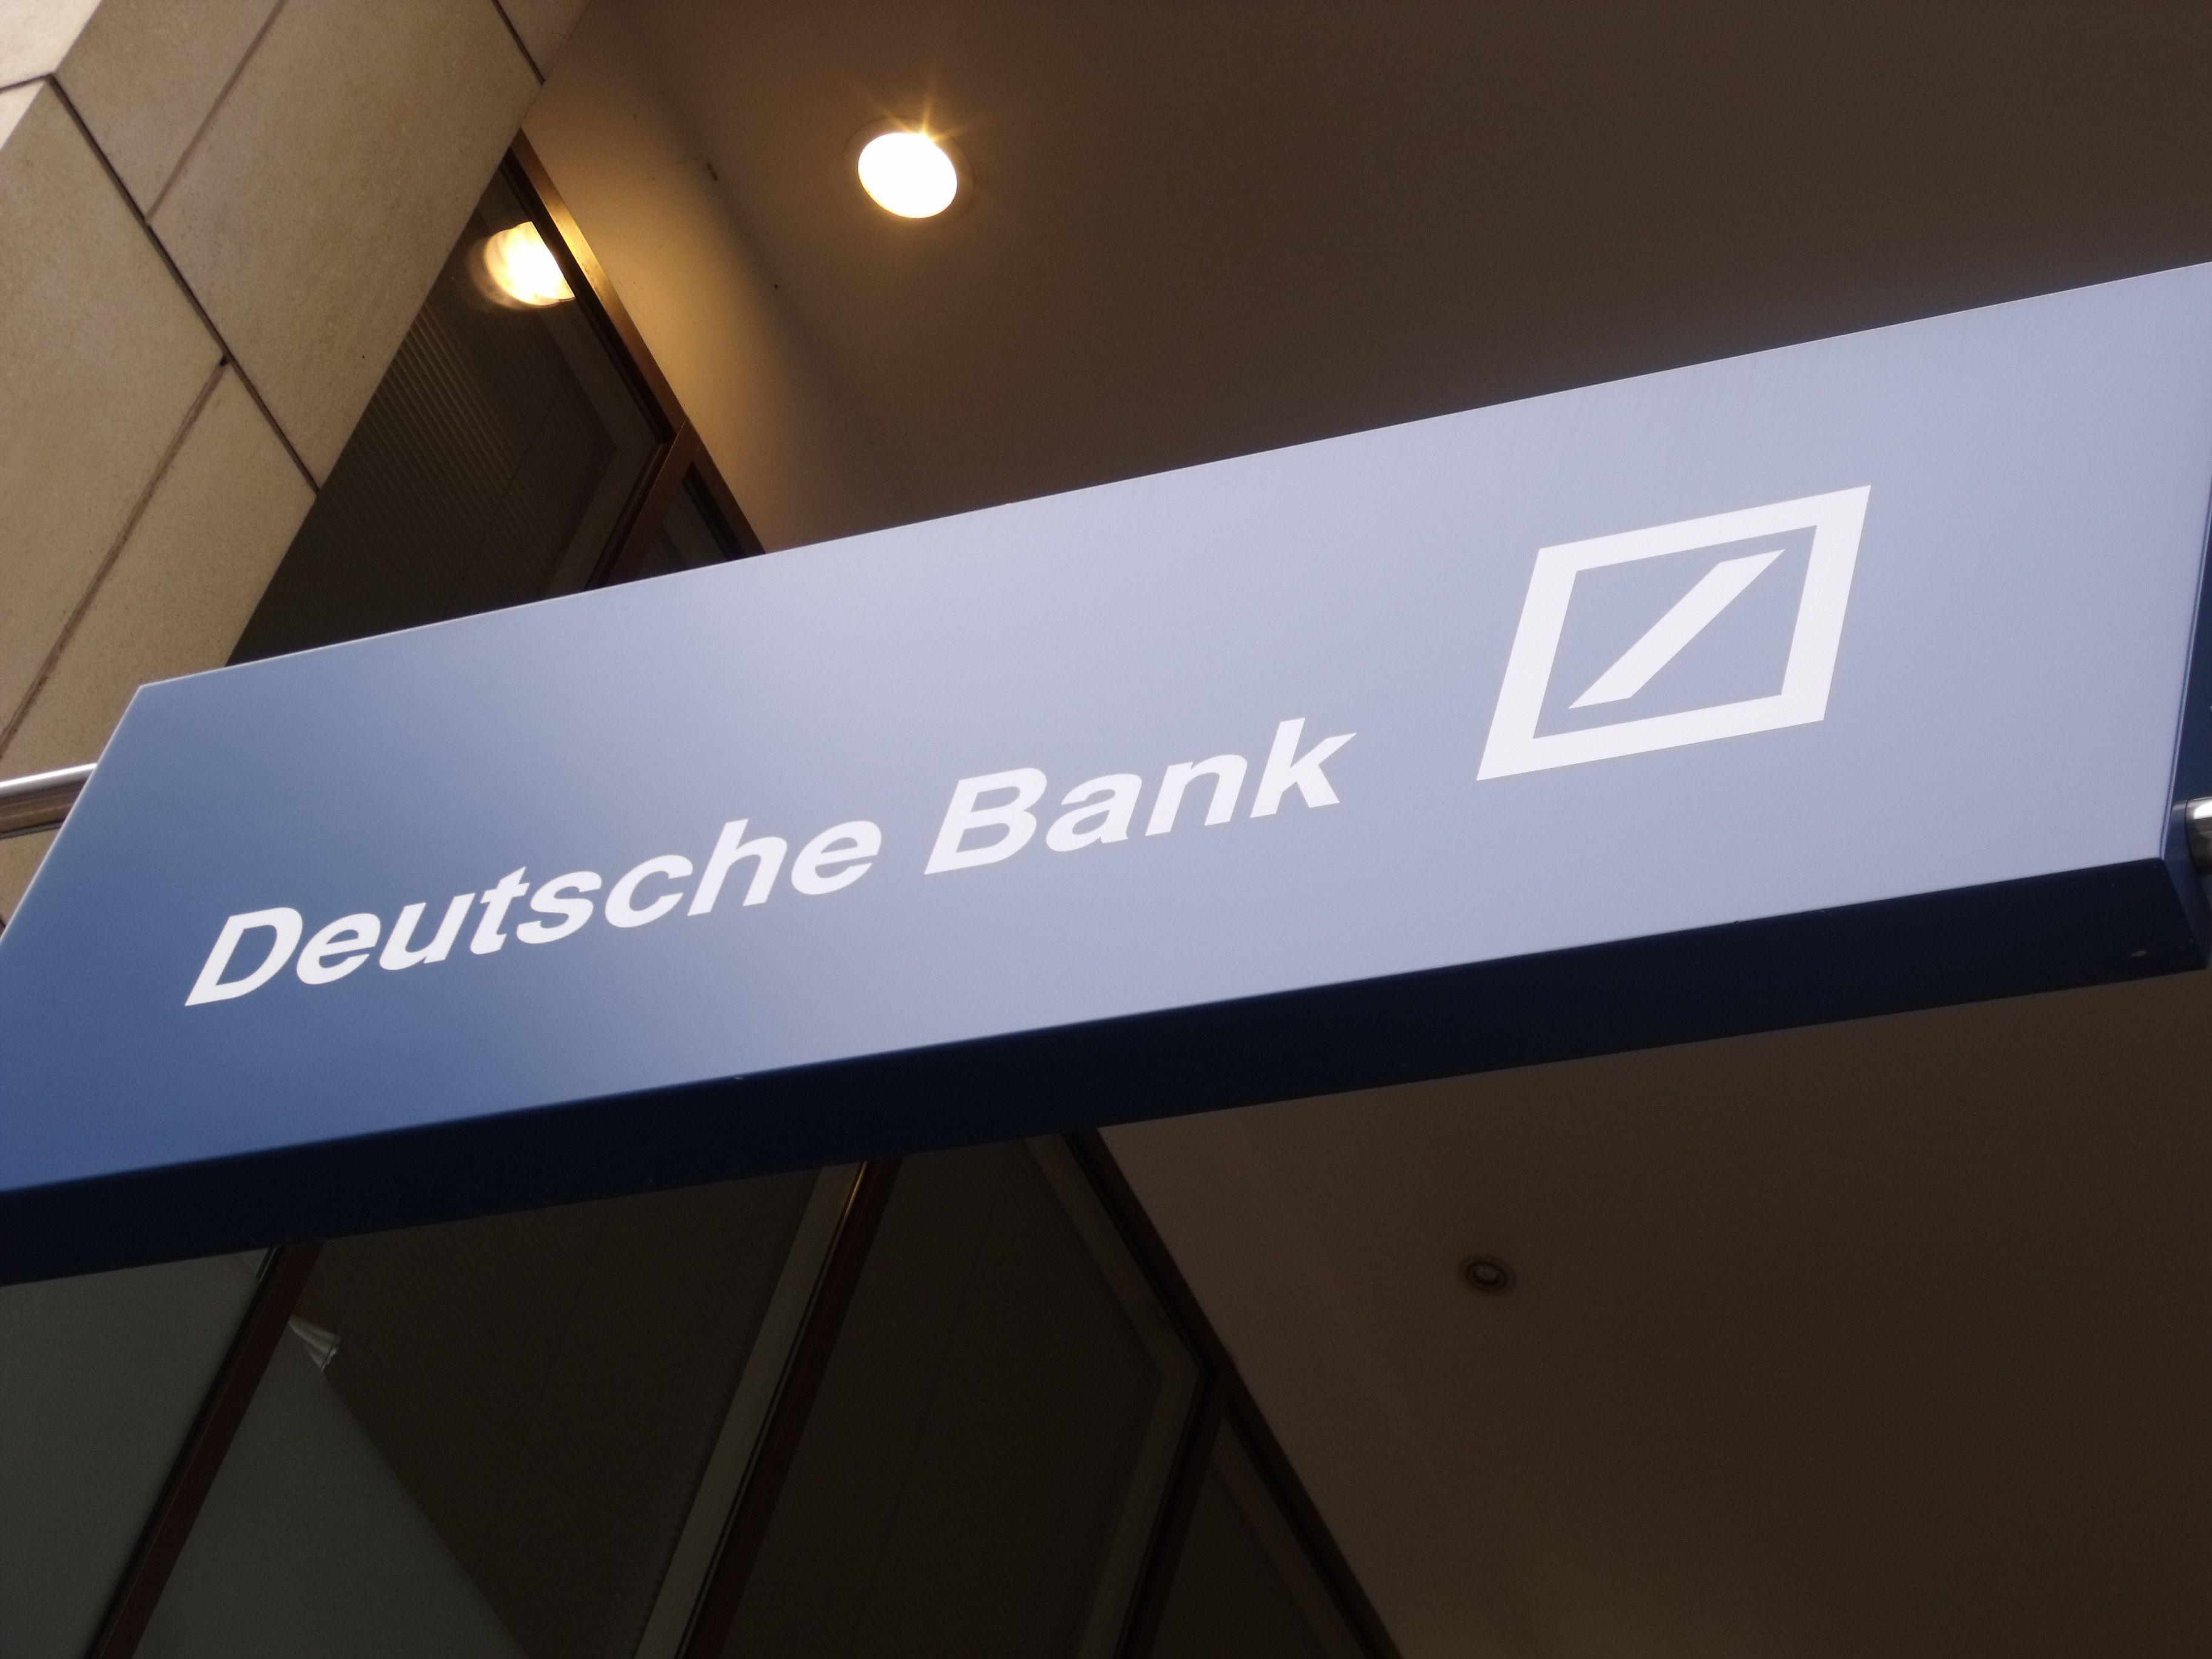 La Deutsche Bank indagata dalla procura di Trani